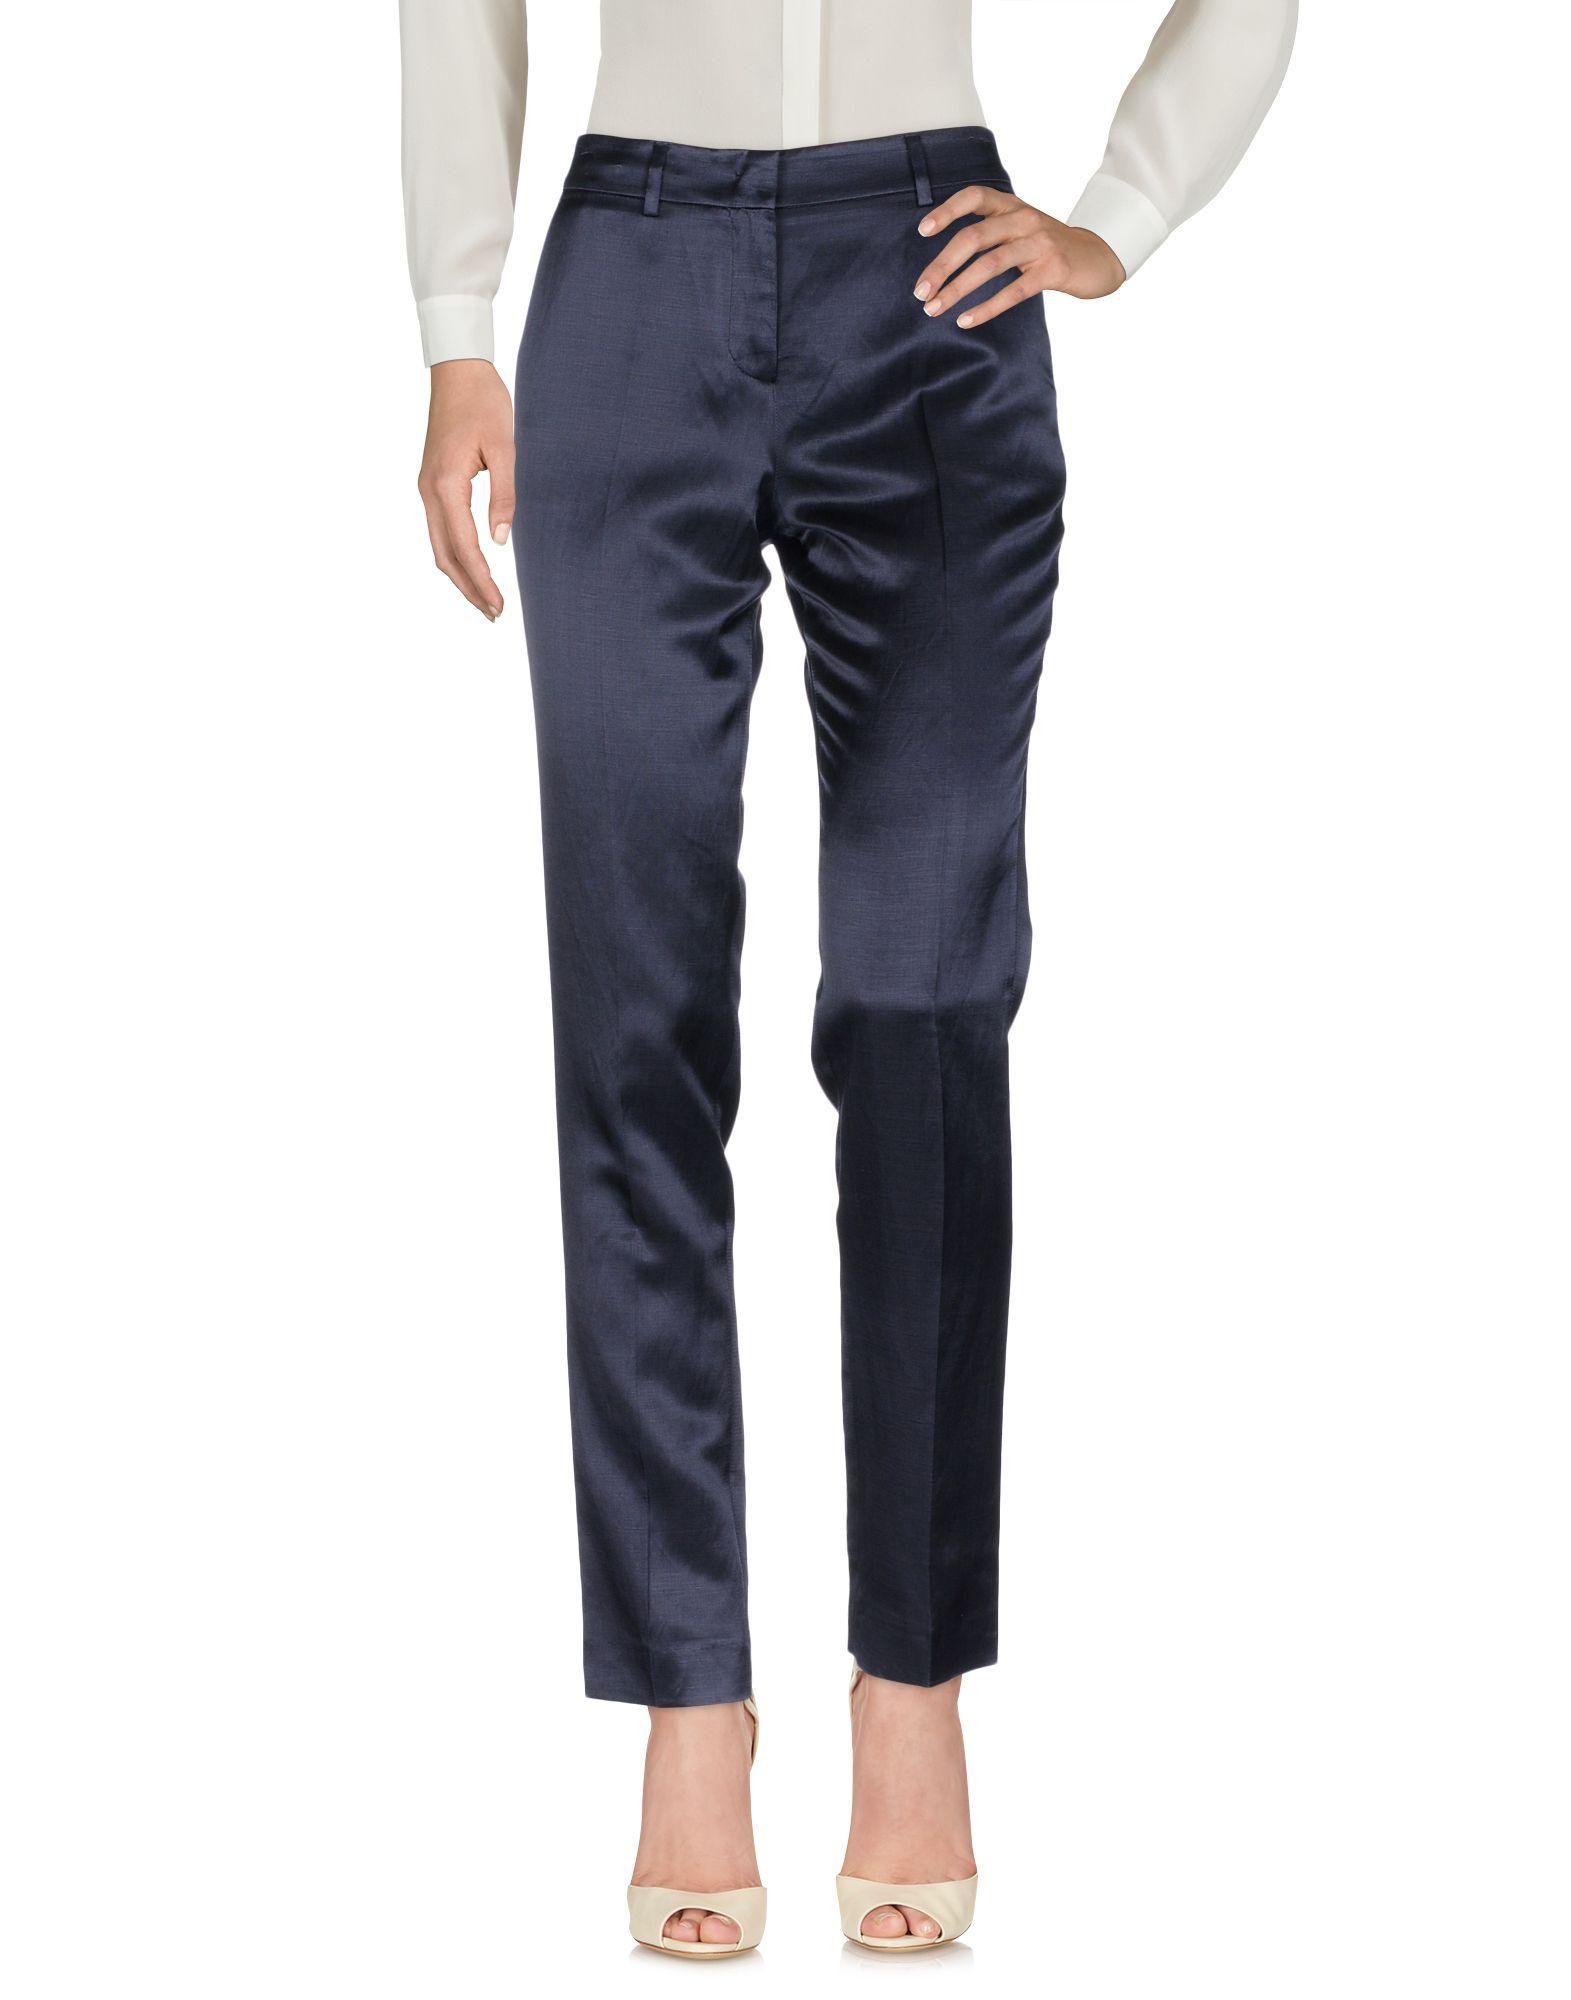 Pantalone Incotex Donna - Acquista online su zCGCQt04